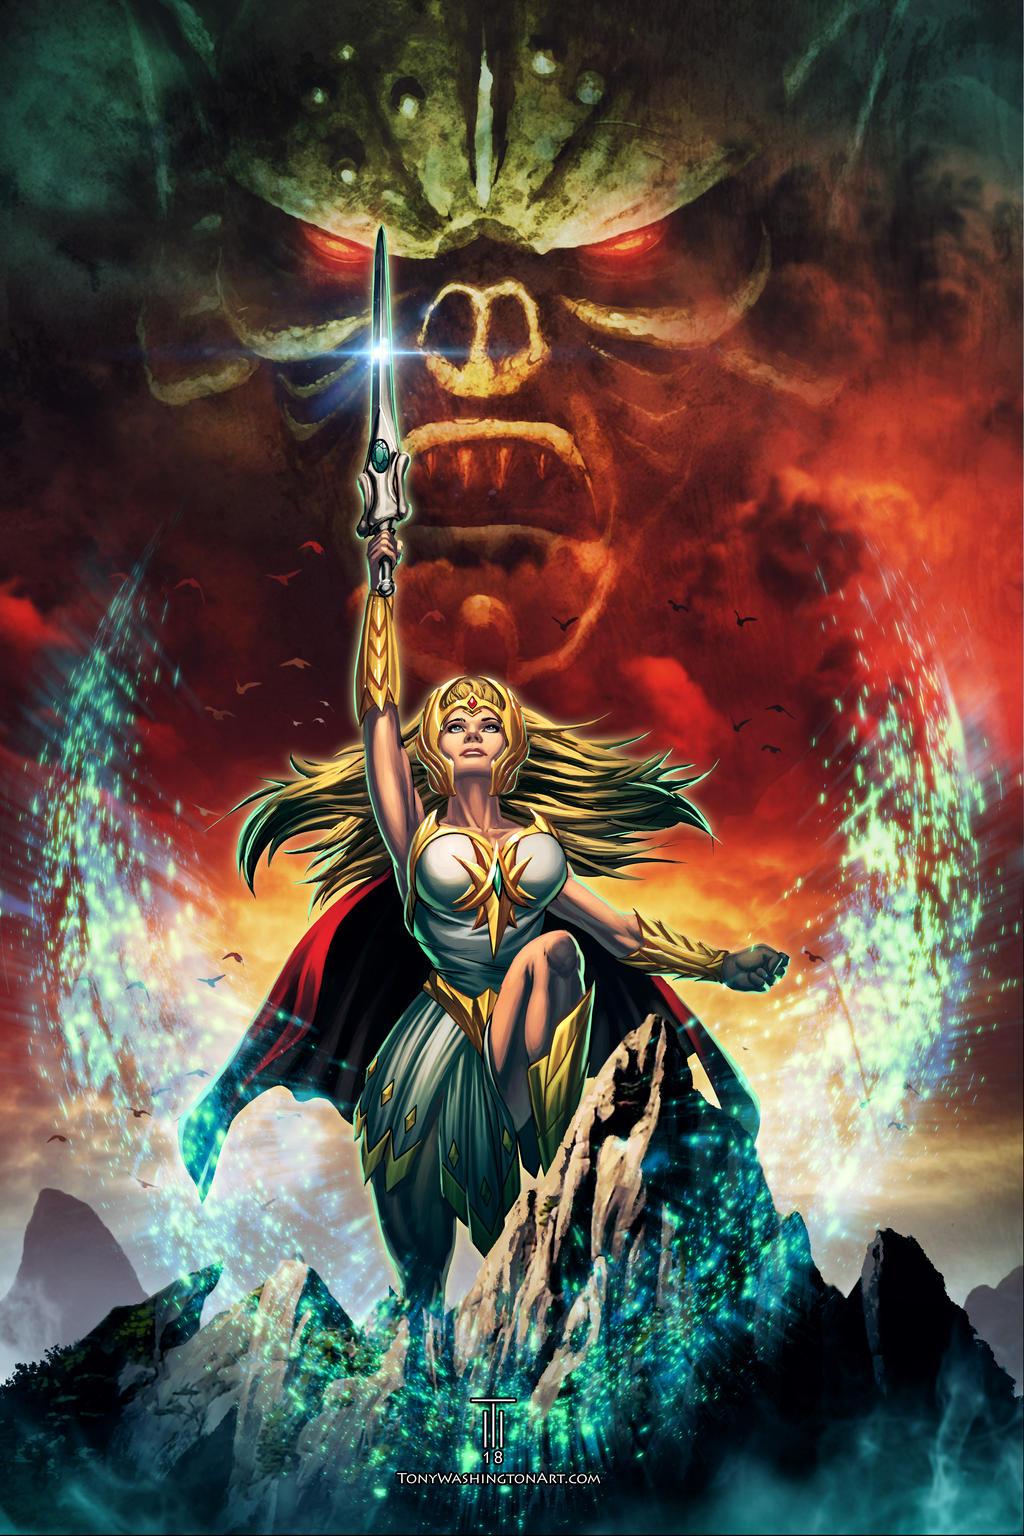 Power Con 2018 She-Ra Poster by Tonywashingtonart